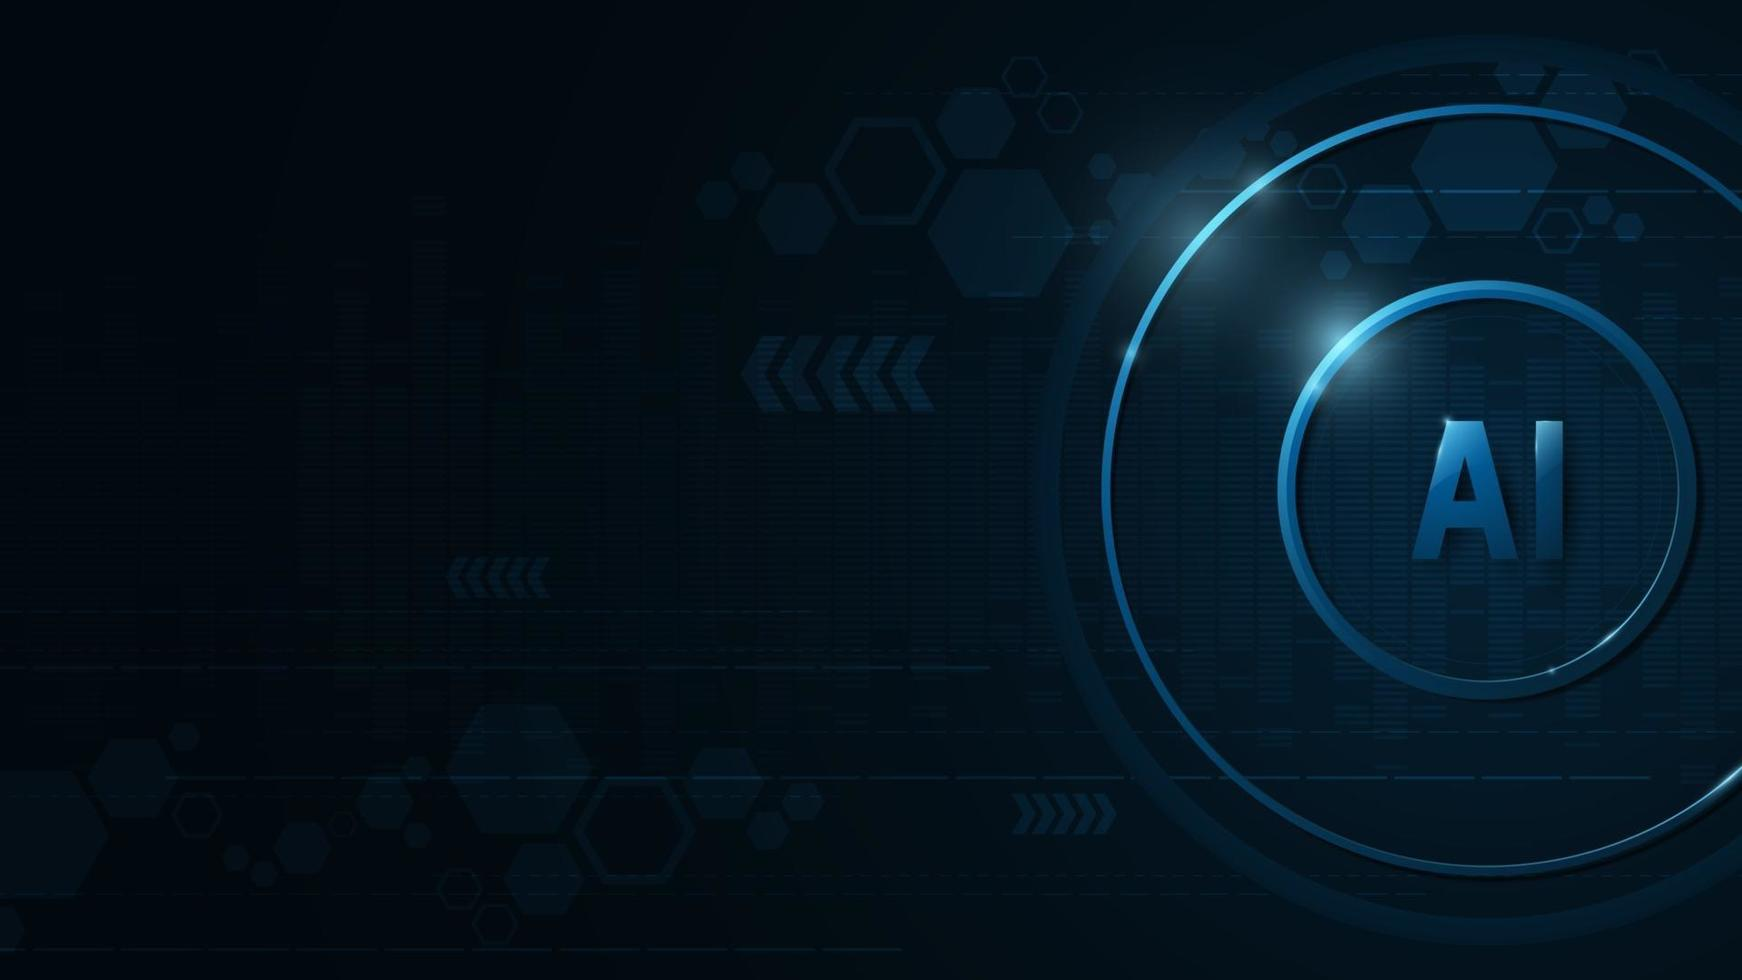 ai operativsystem på en mörkblå bakgrund. vektor